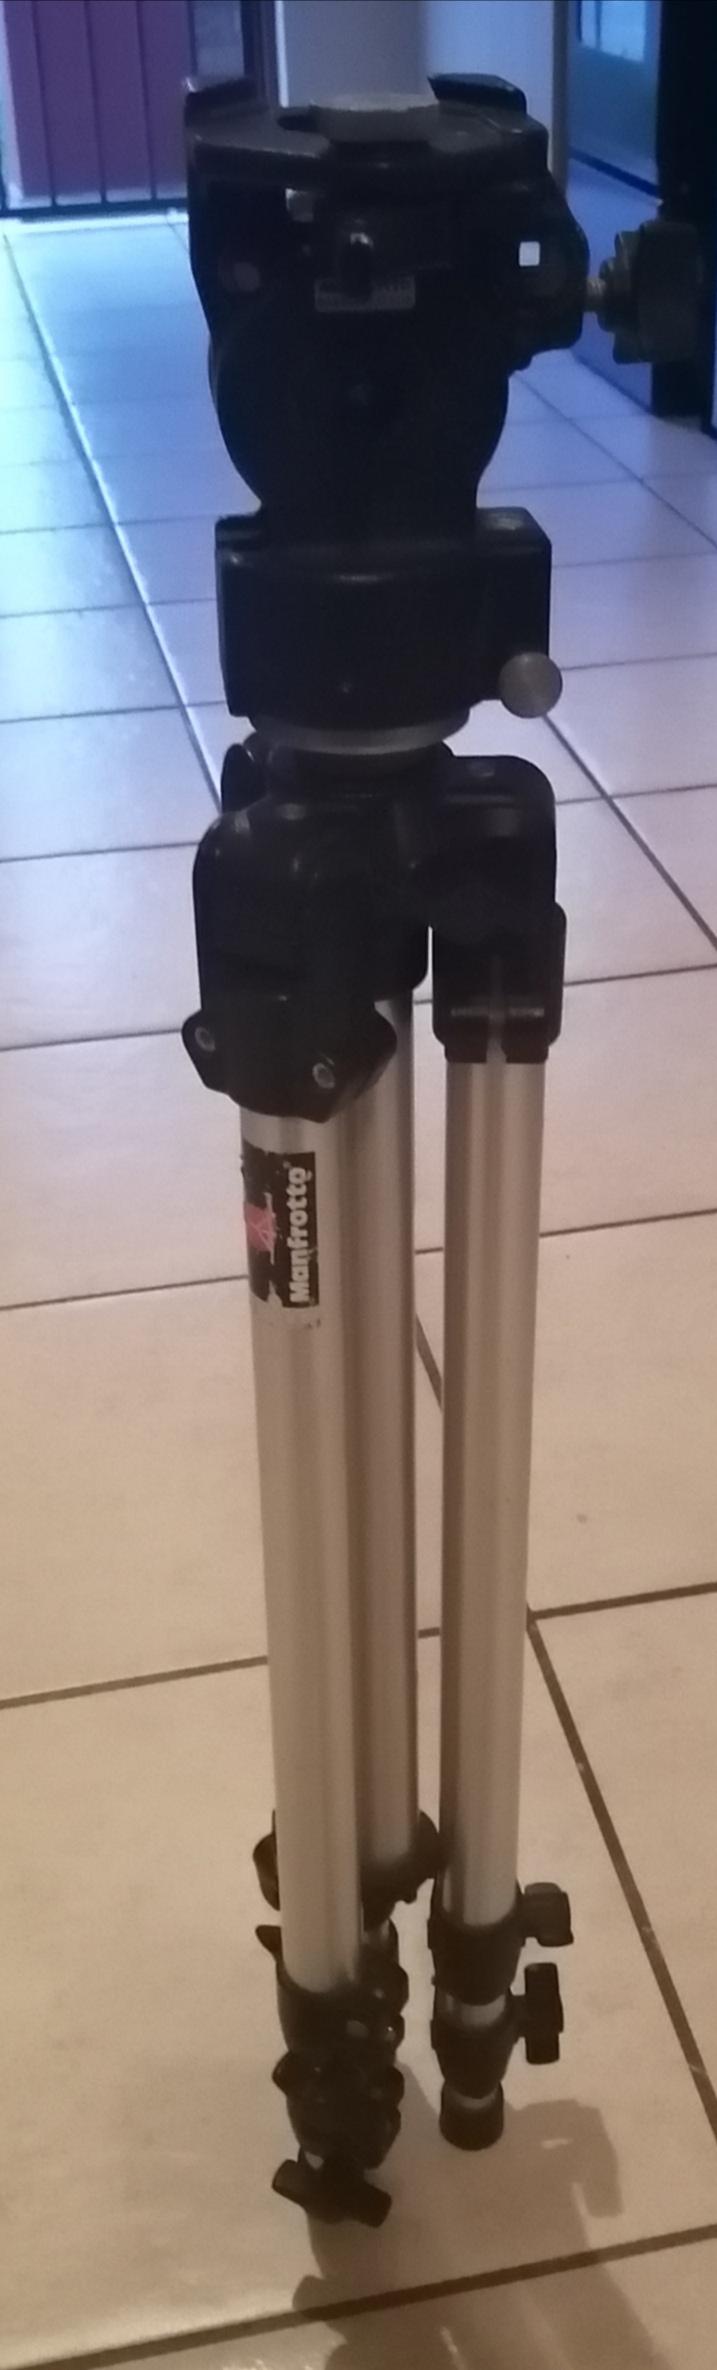 Manfrotto 136 pro Head & Manfrotto Aluminium tripod legs